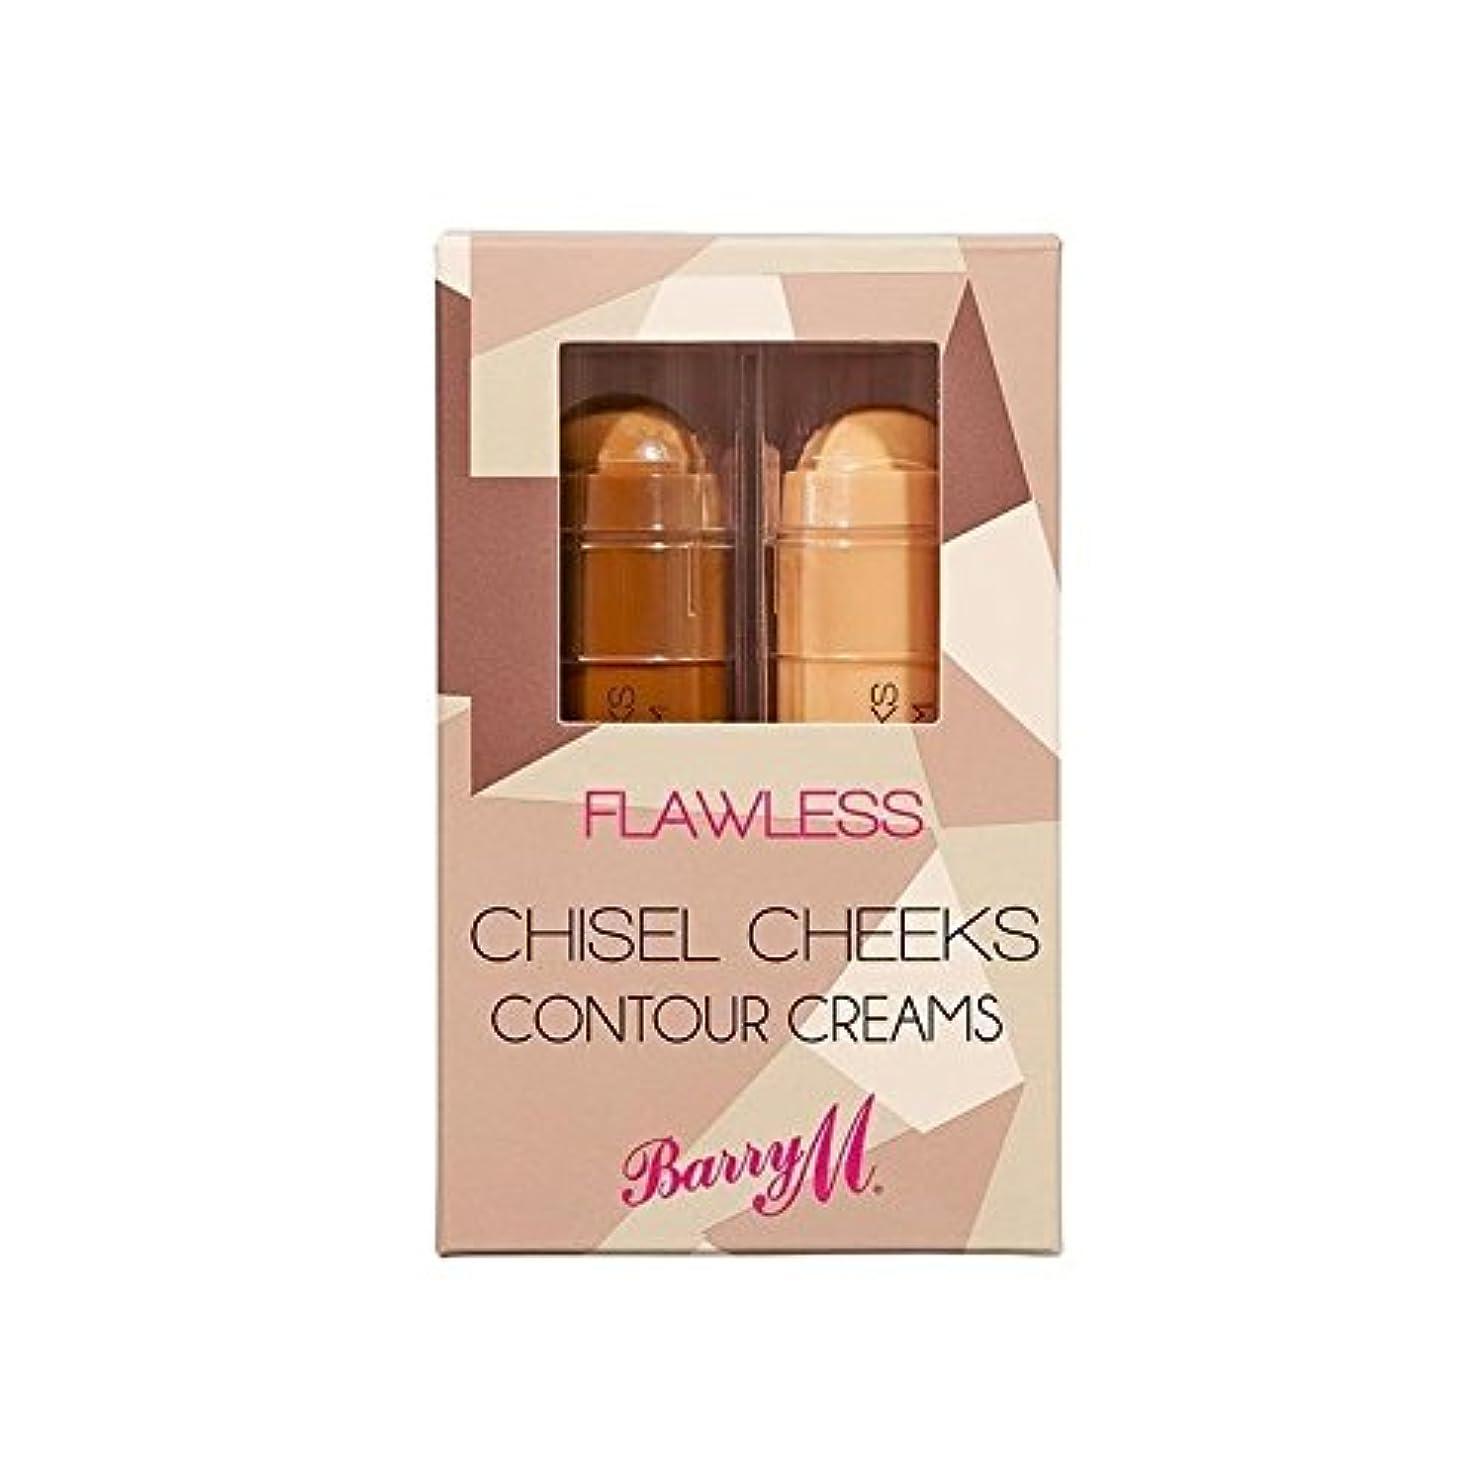 詩人論争完了Barry M Chisel Cheek Contour Creams (Pack of 6) - バリーメートルチゼル頬の輪郭クリーム x6 [並行輸入品]